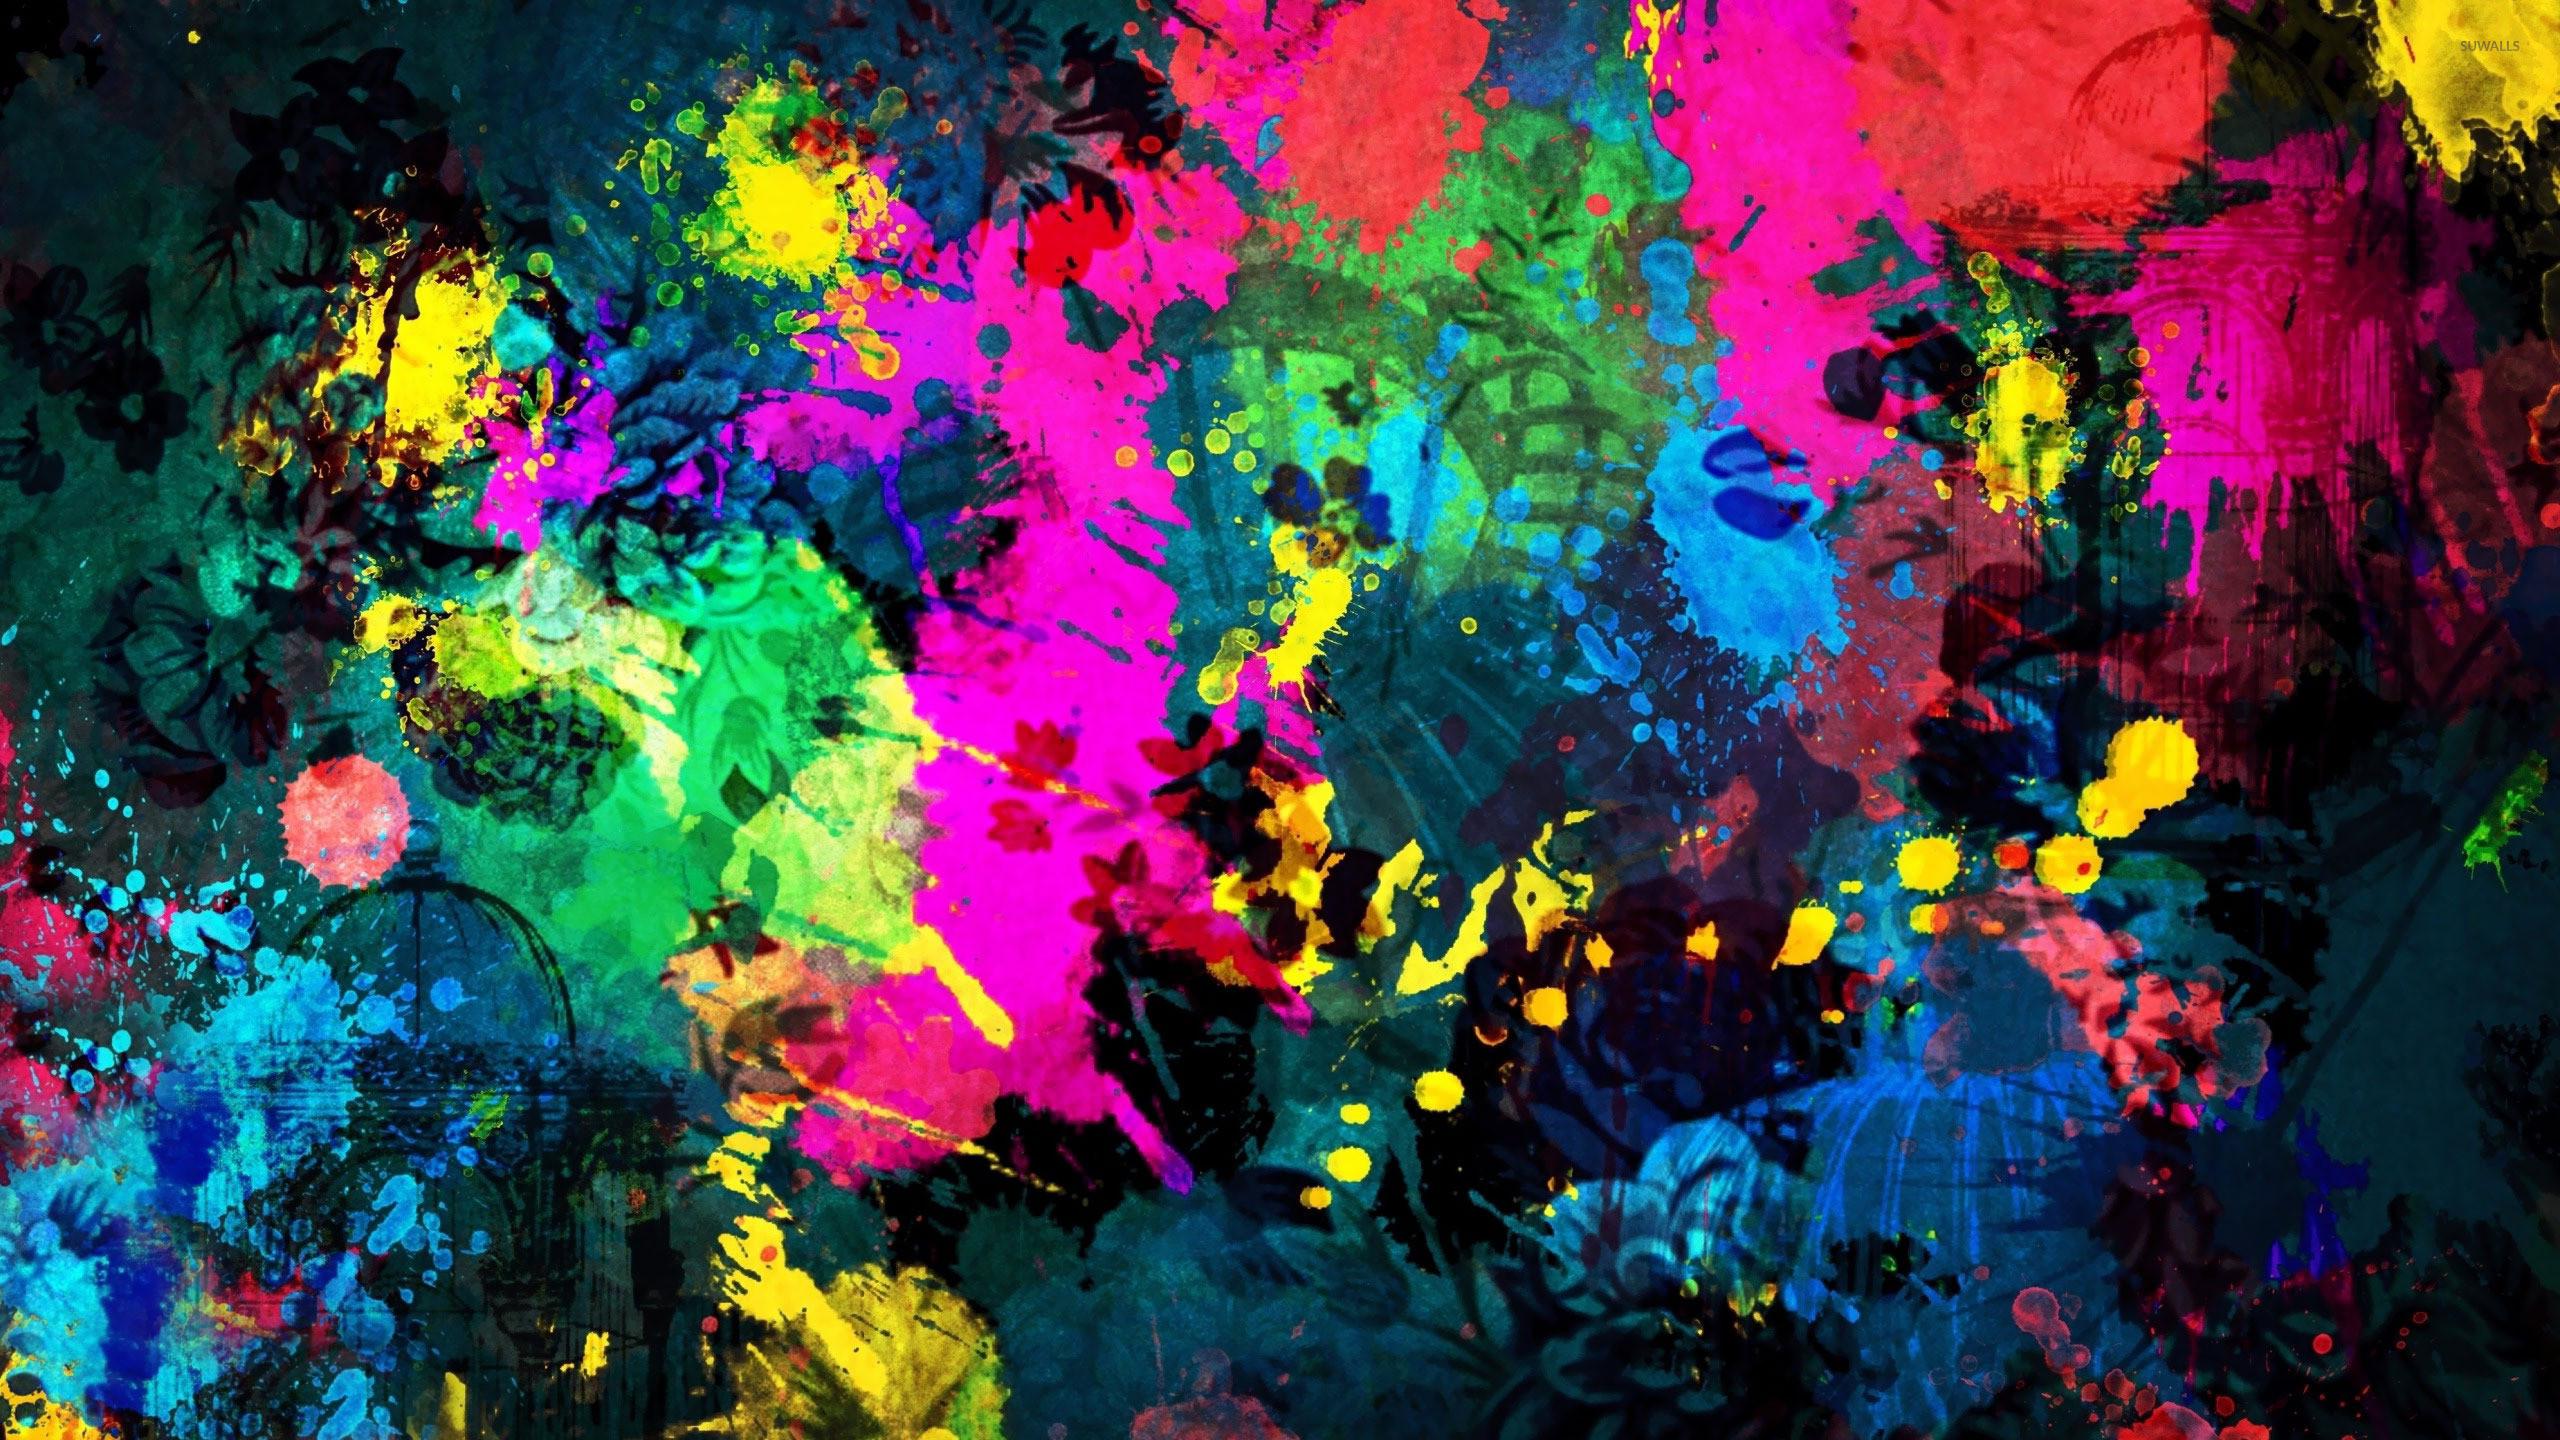 Splatter Wallpapers   Top Splatter Backgrounds   WallpaperAccess 2560x1440